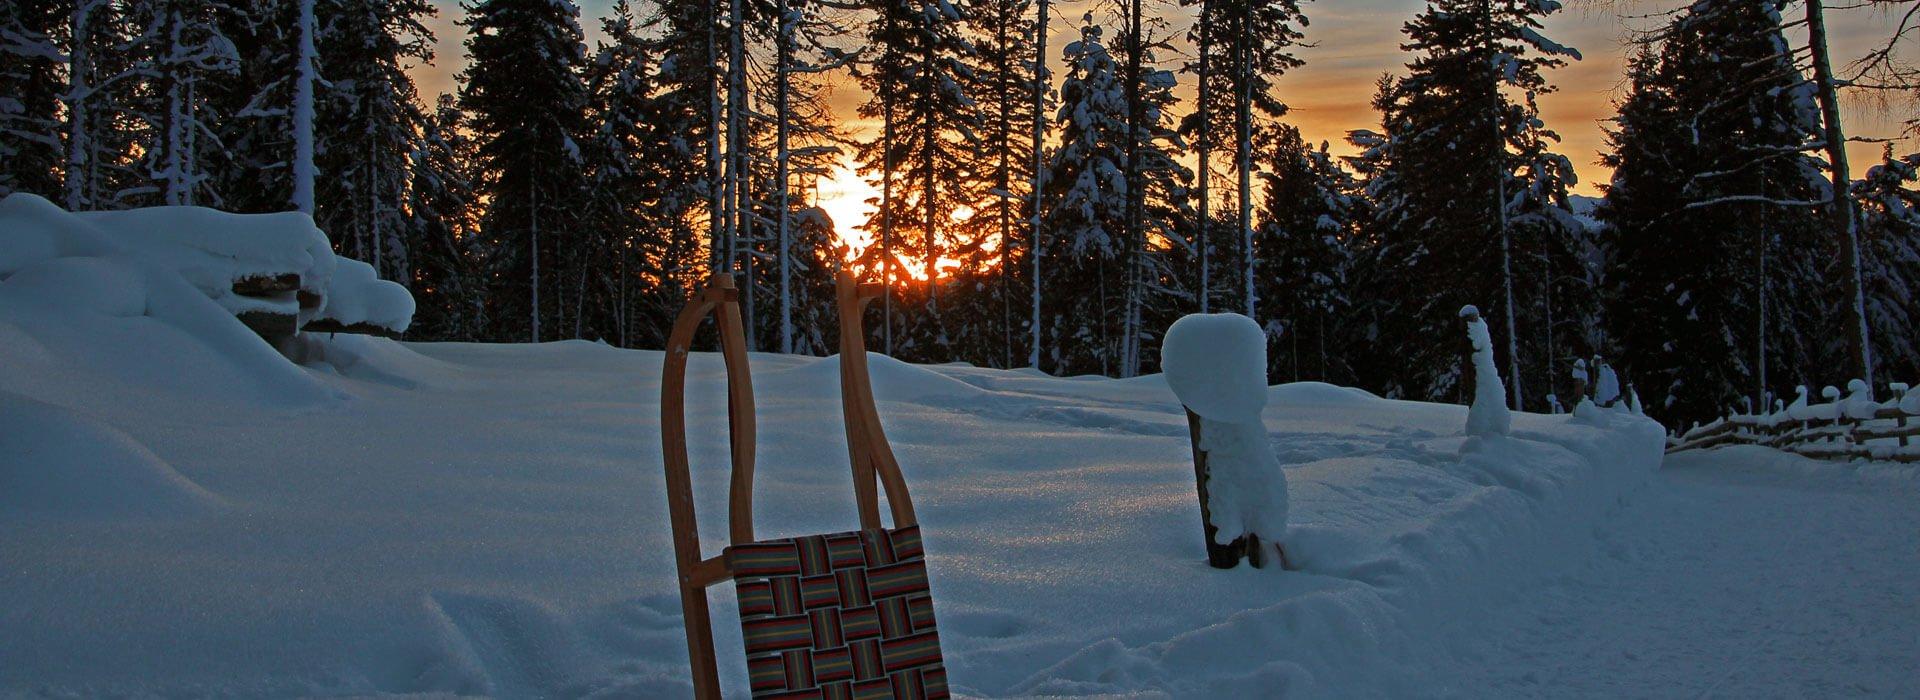 winterurlaub-rodeln